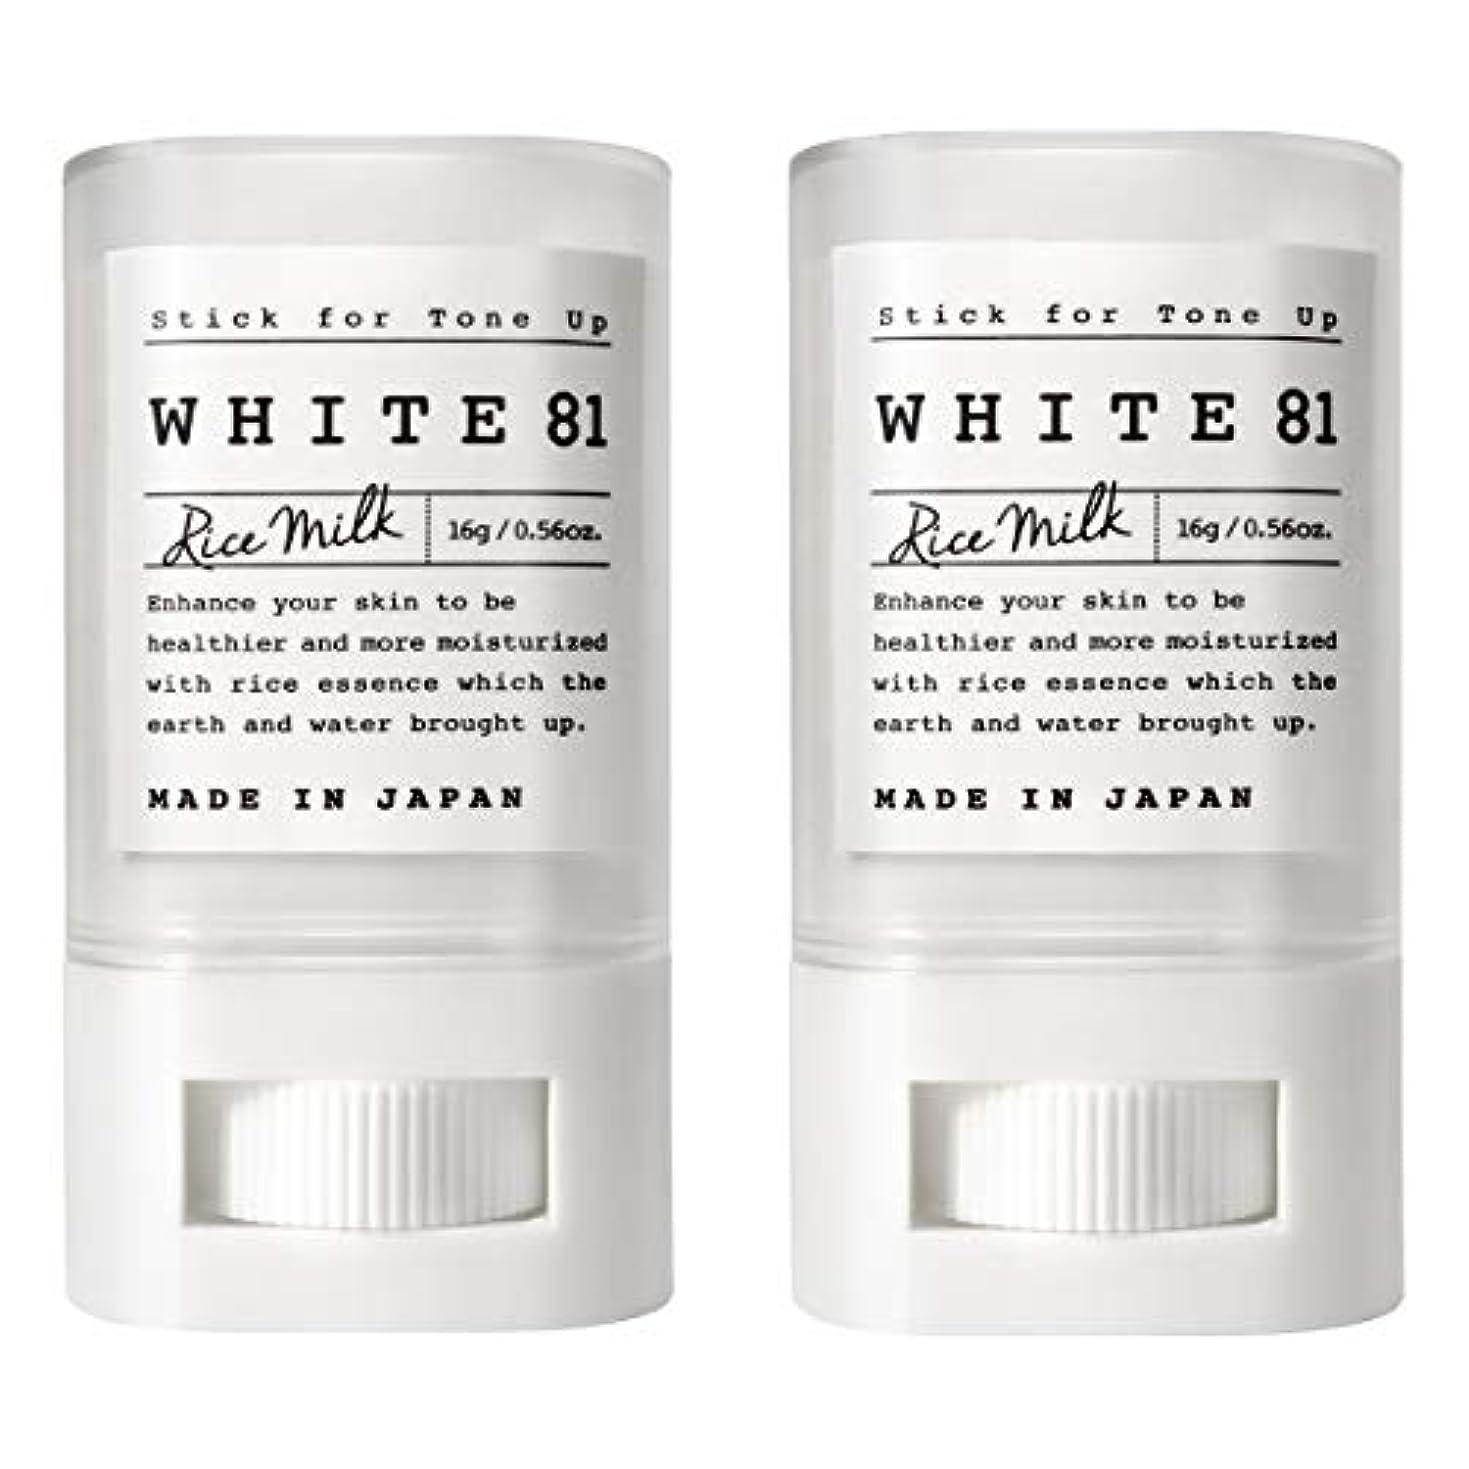 言語間違い常習的【お得な2個セット】WHITE81 ホワイト81 トーンアップスティック(化粧下地?日焼け止め / SPF35?PA+++?ウォータープルーフ?複合保湿成分配合?肌に優しい6種のフリー / 日本製)